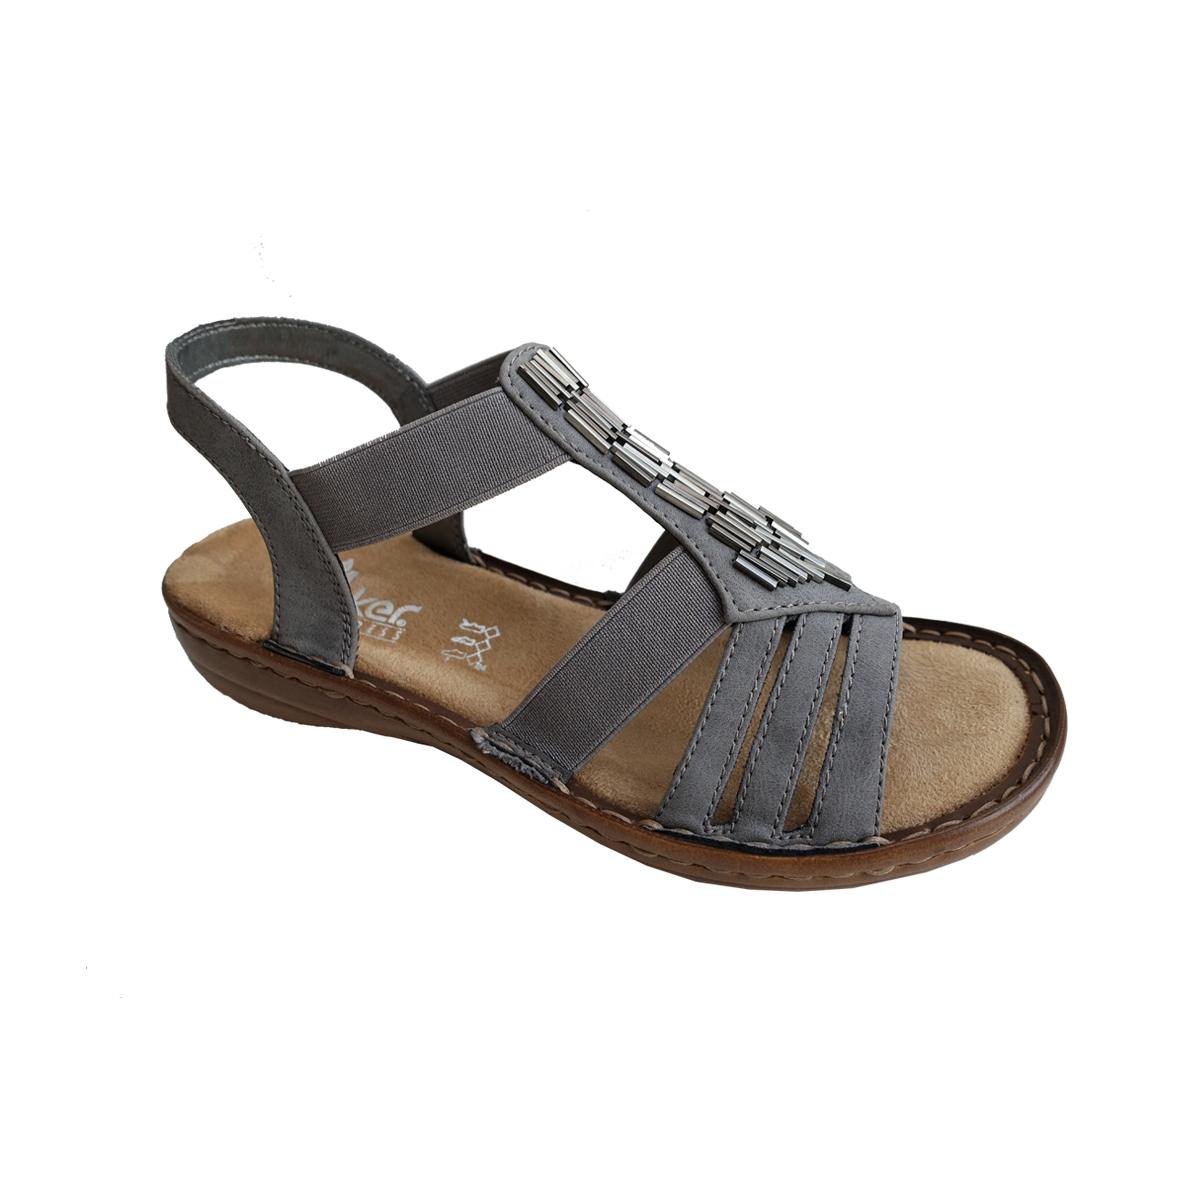 6077c848a48d Rieker 60800-42 - Ženske sandale - Obuća Kundid - saznajte više